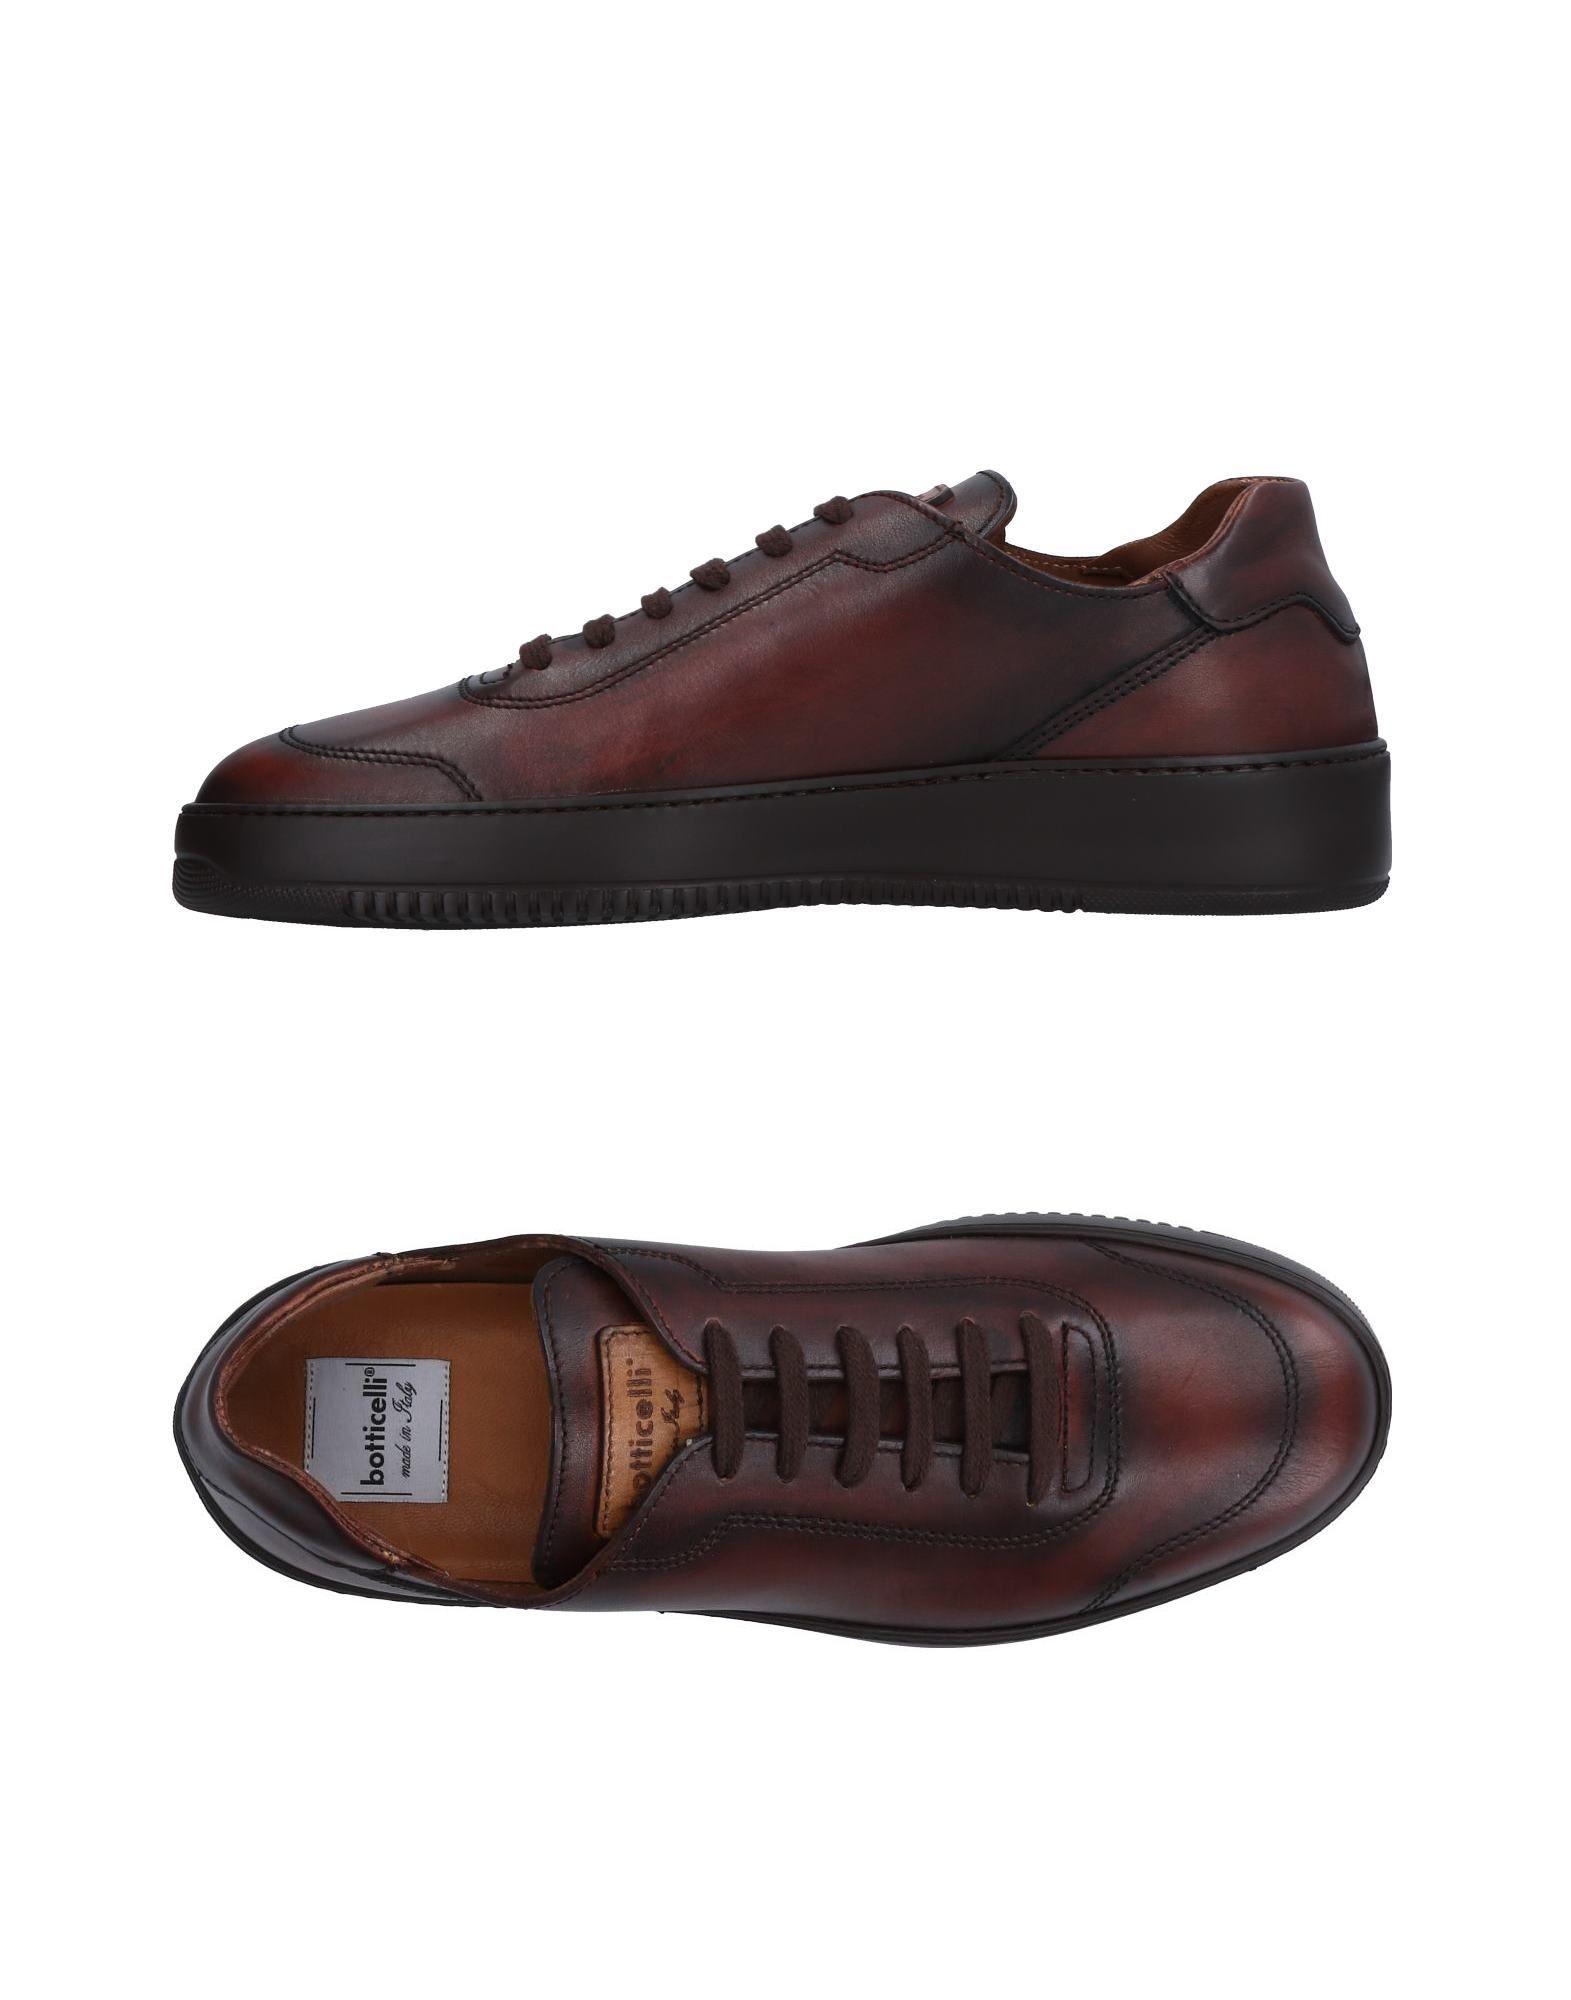 Roberto Herren Botticelli Sneakers Herren Roberto  11515361KB Neue Schuhe b395d8